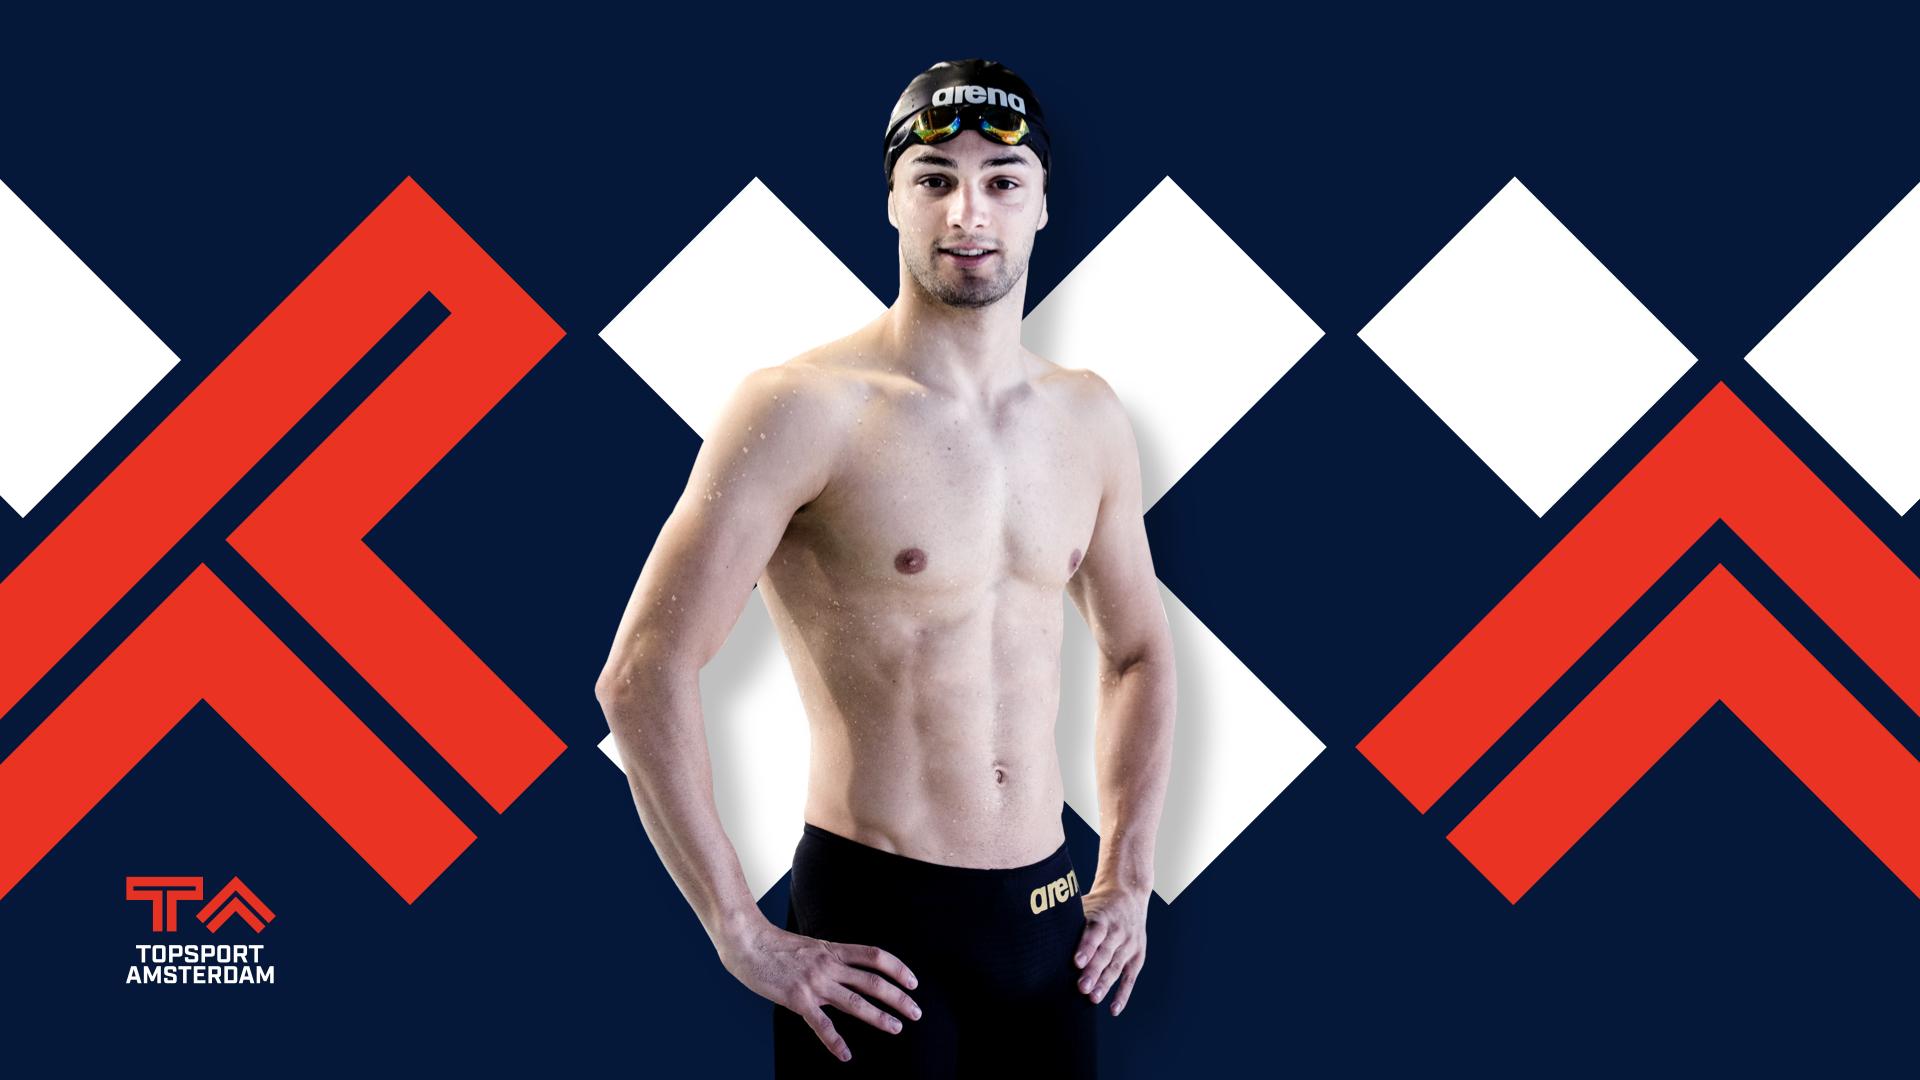 Topsport Amsterdam Swimming